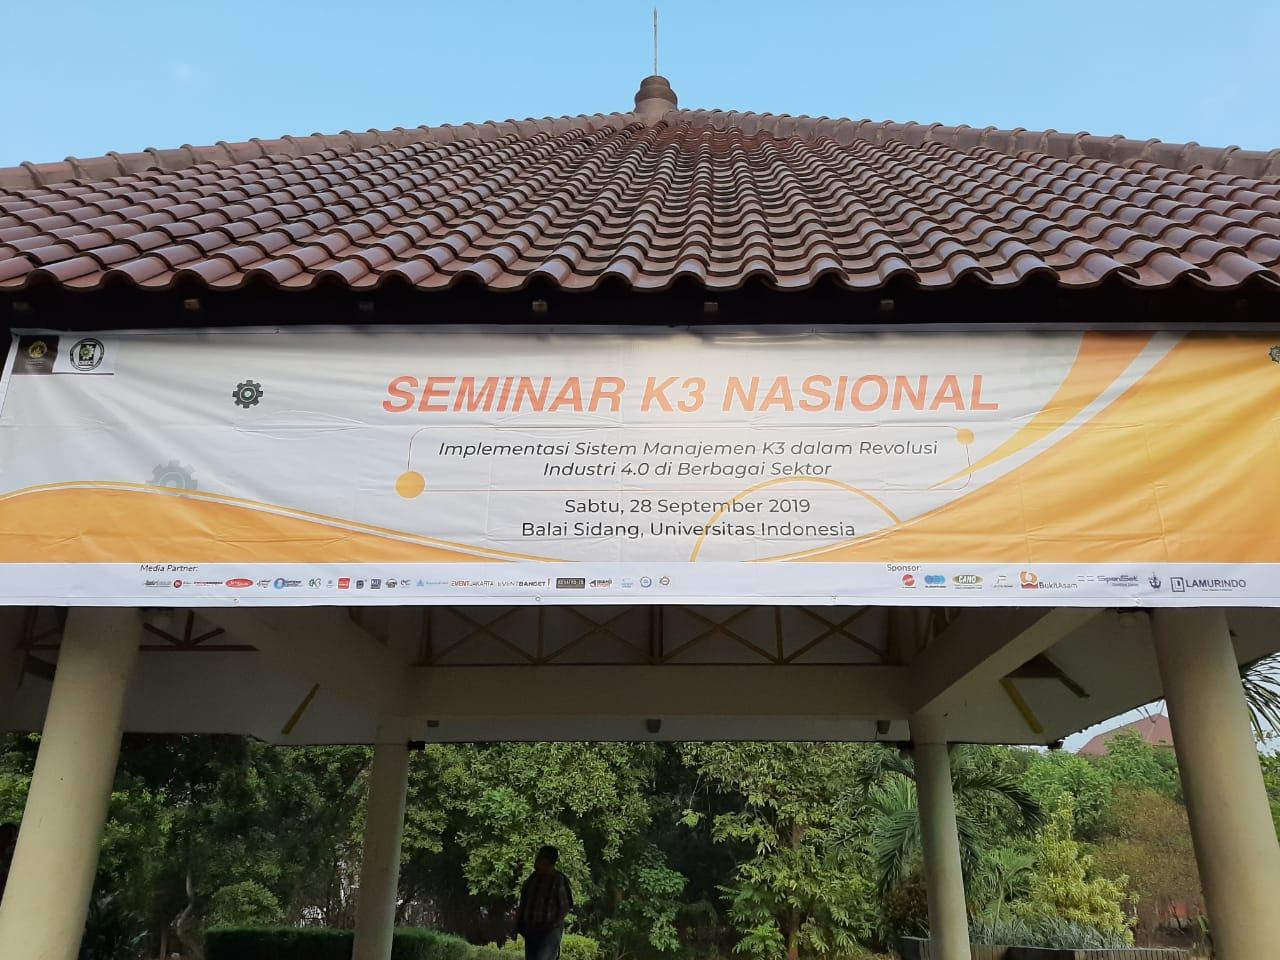 Seminar K3 Nasional UI Jakarta